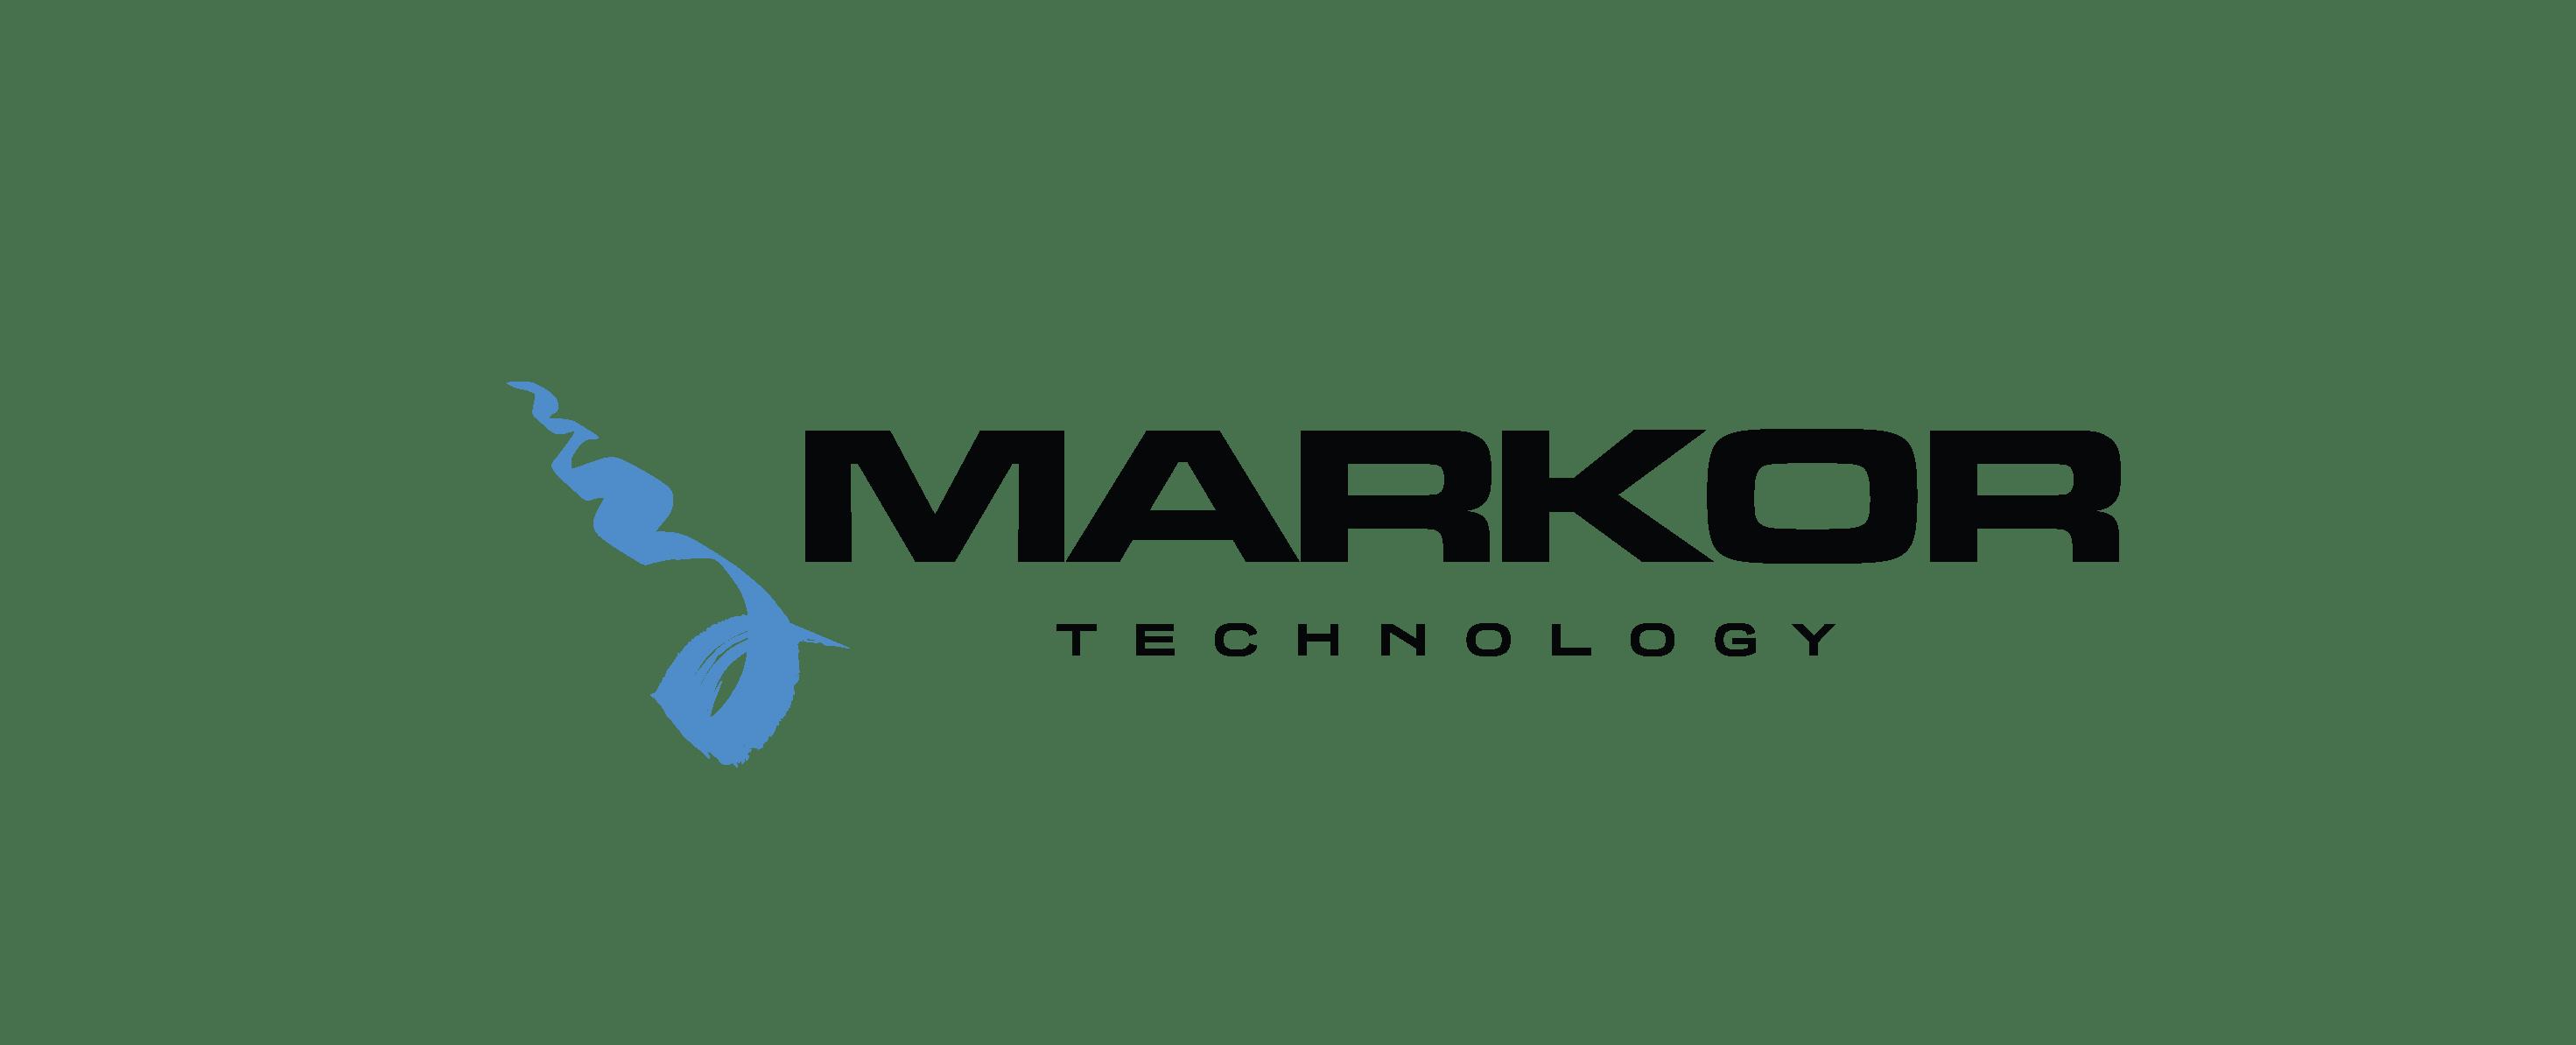 Markor Technology jeux